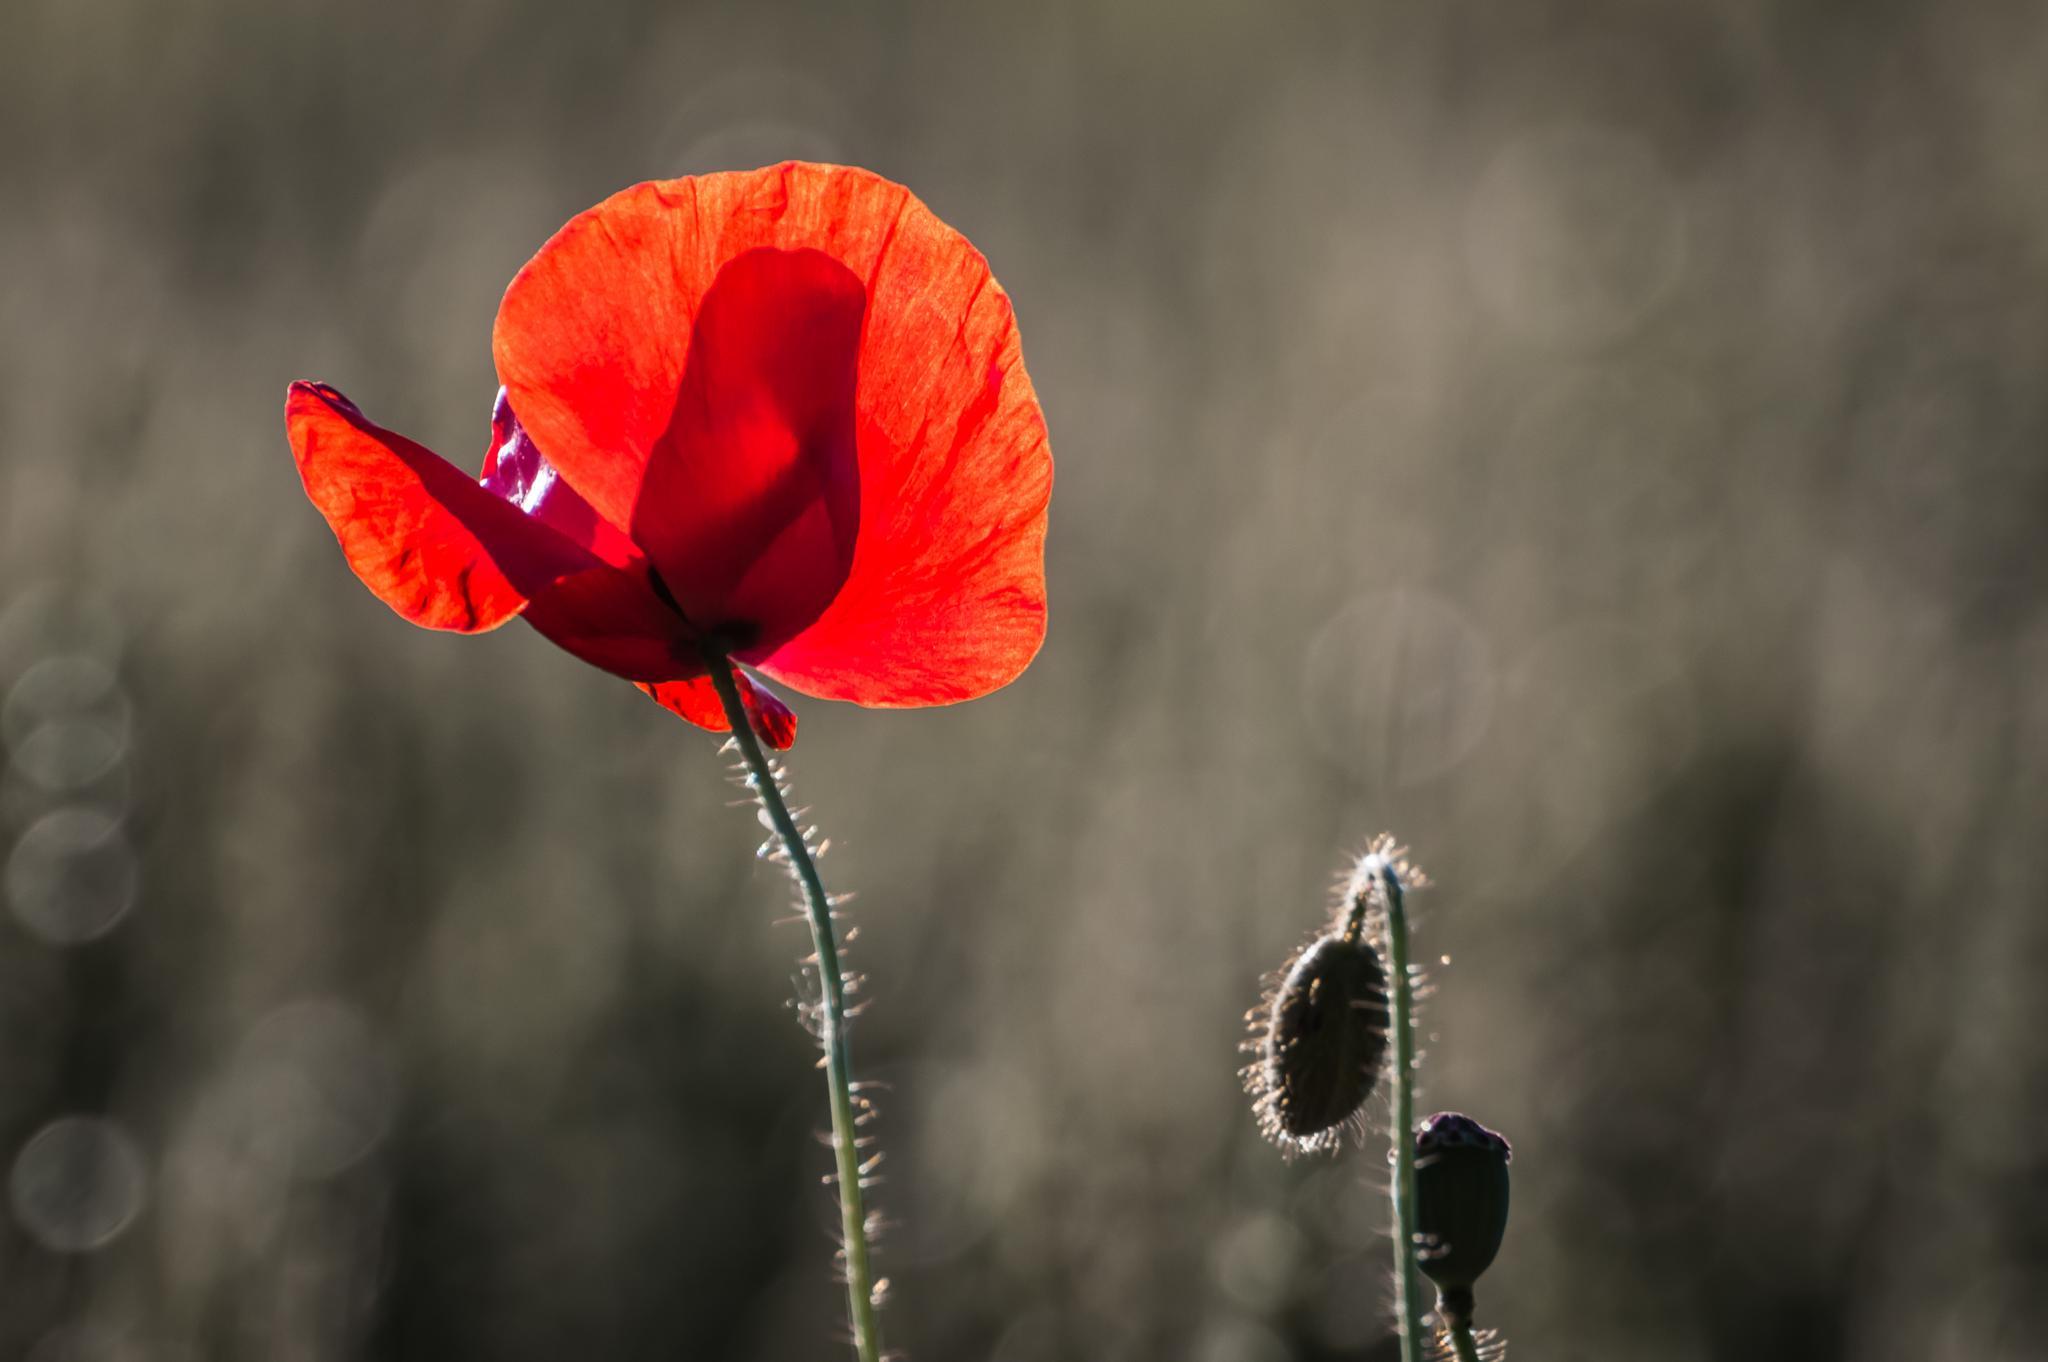 Poppy flower by Tomasz Kosidło